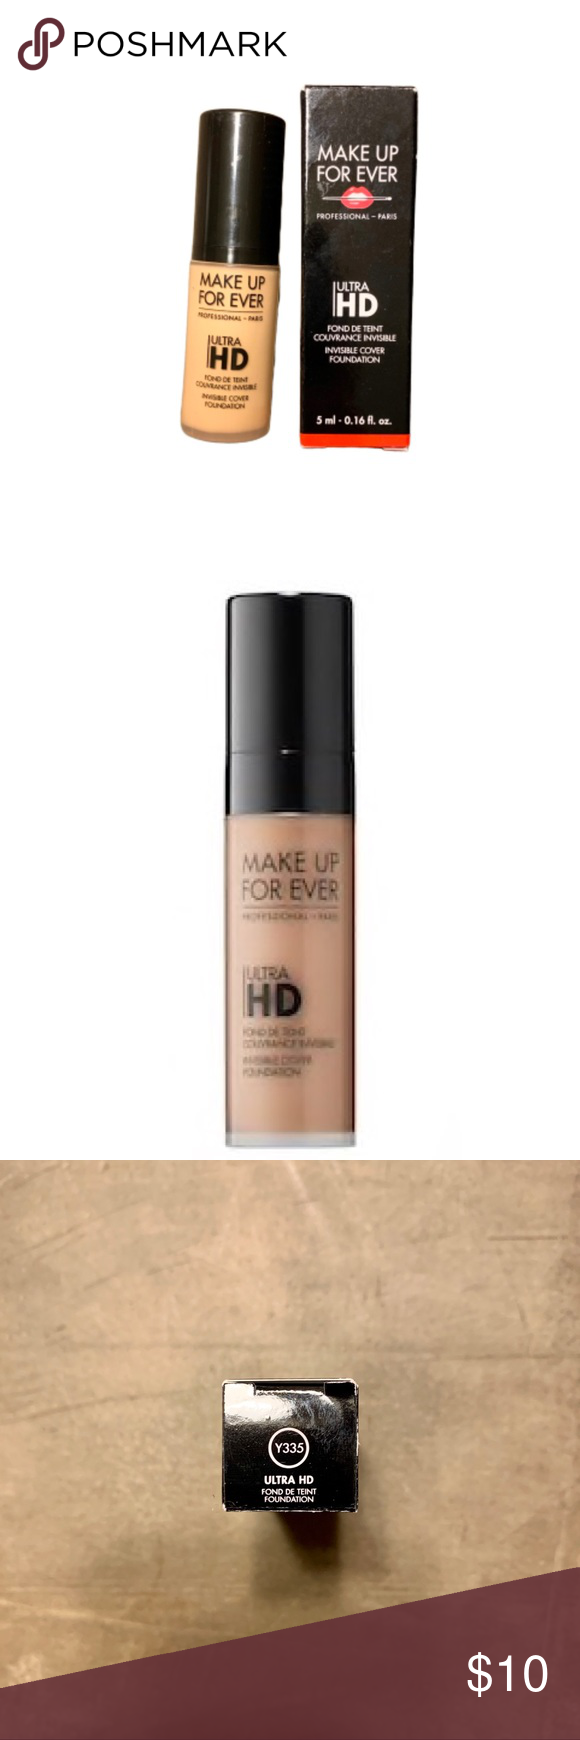 Make Up For Ever Ultra HD Concealer shade Y23 Make Up